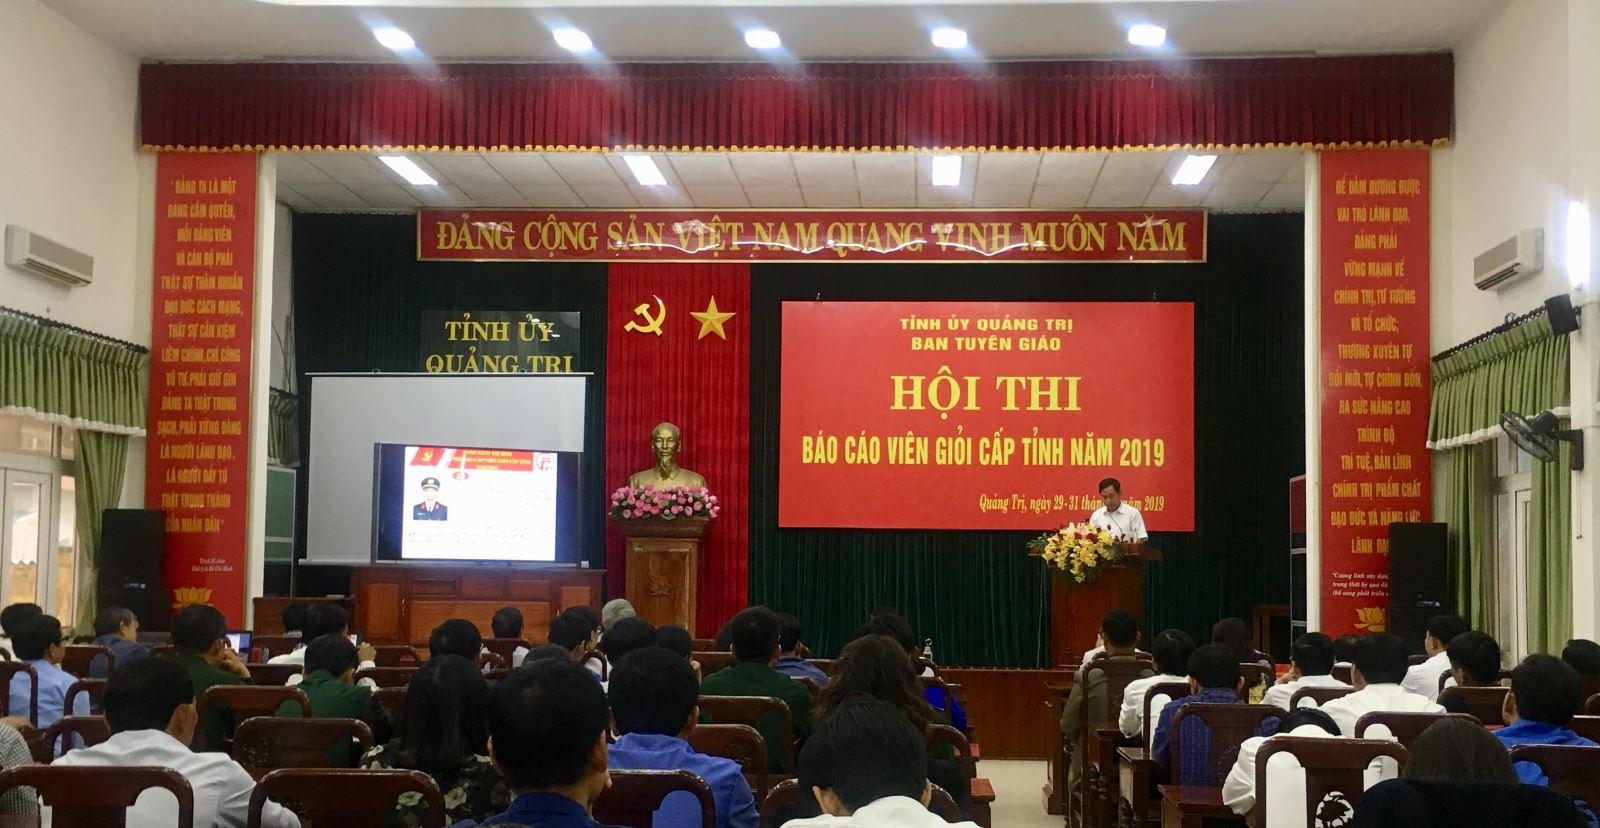 Quảng Trị 23 thí sinh tham gia Hội thi báo cáo viên giỏi cấp tỉnh năm 2019